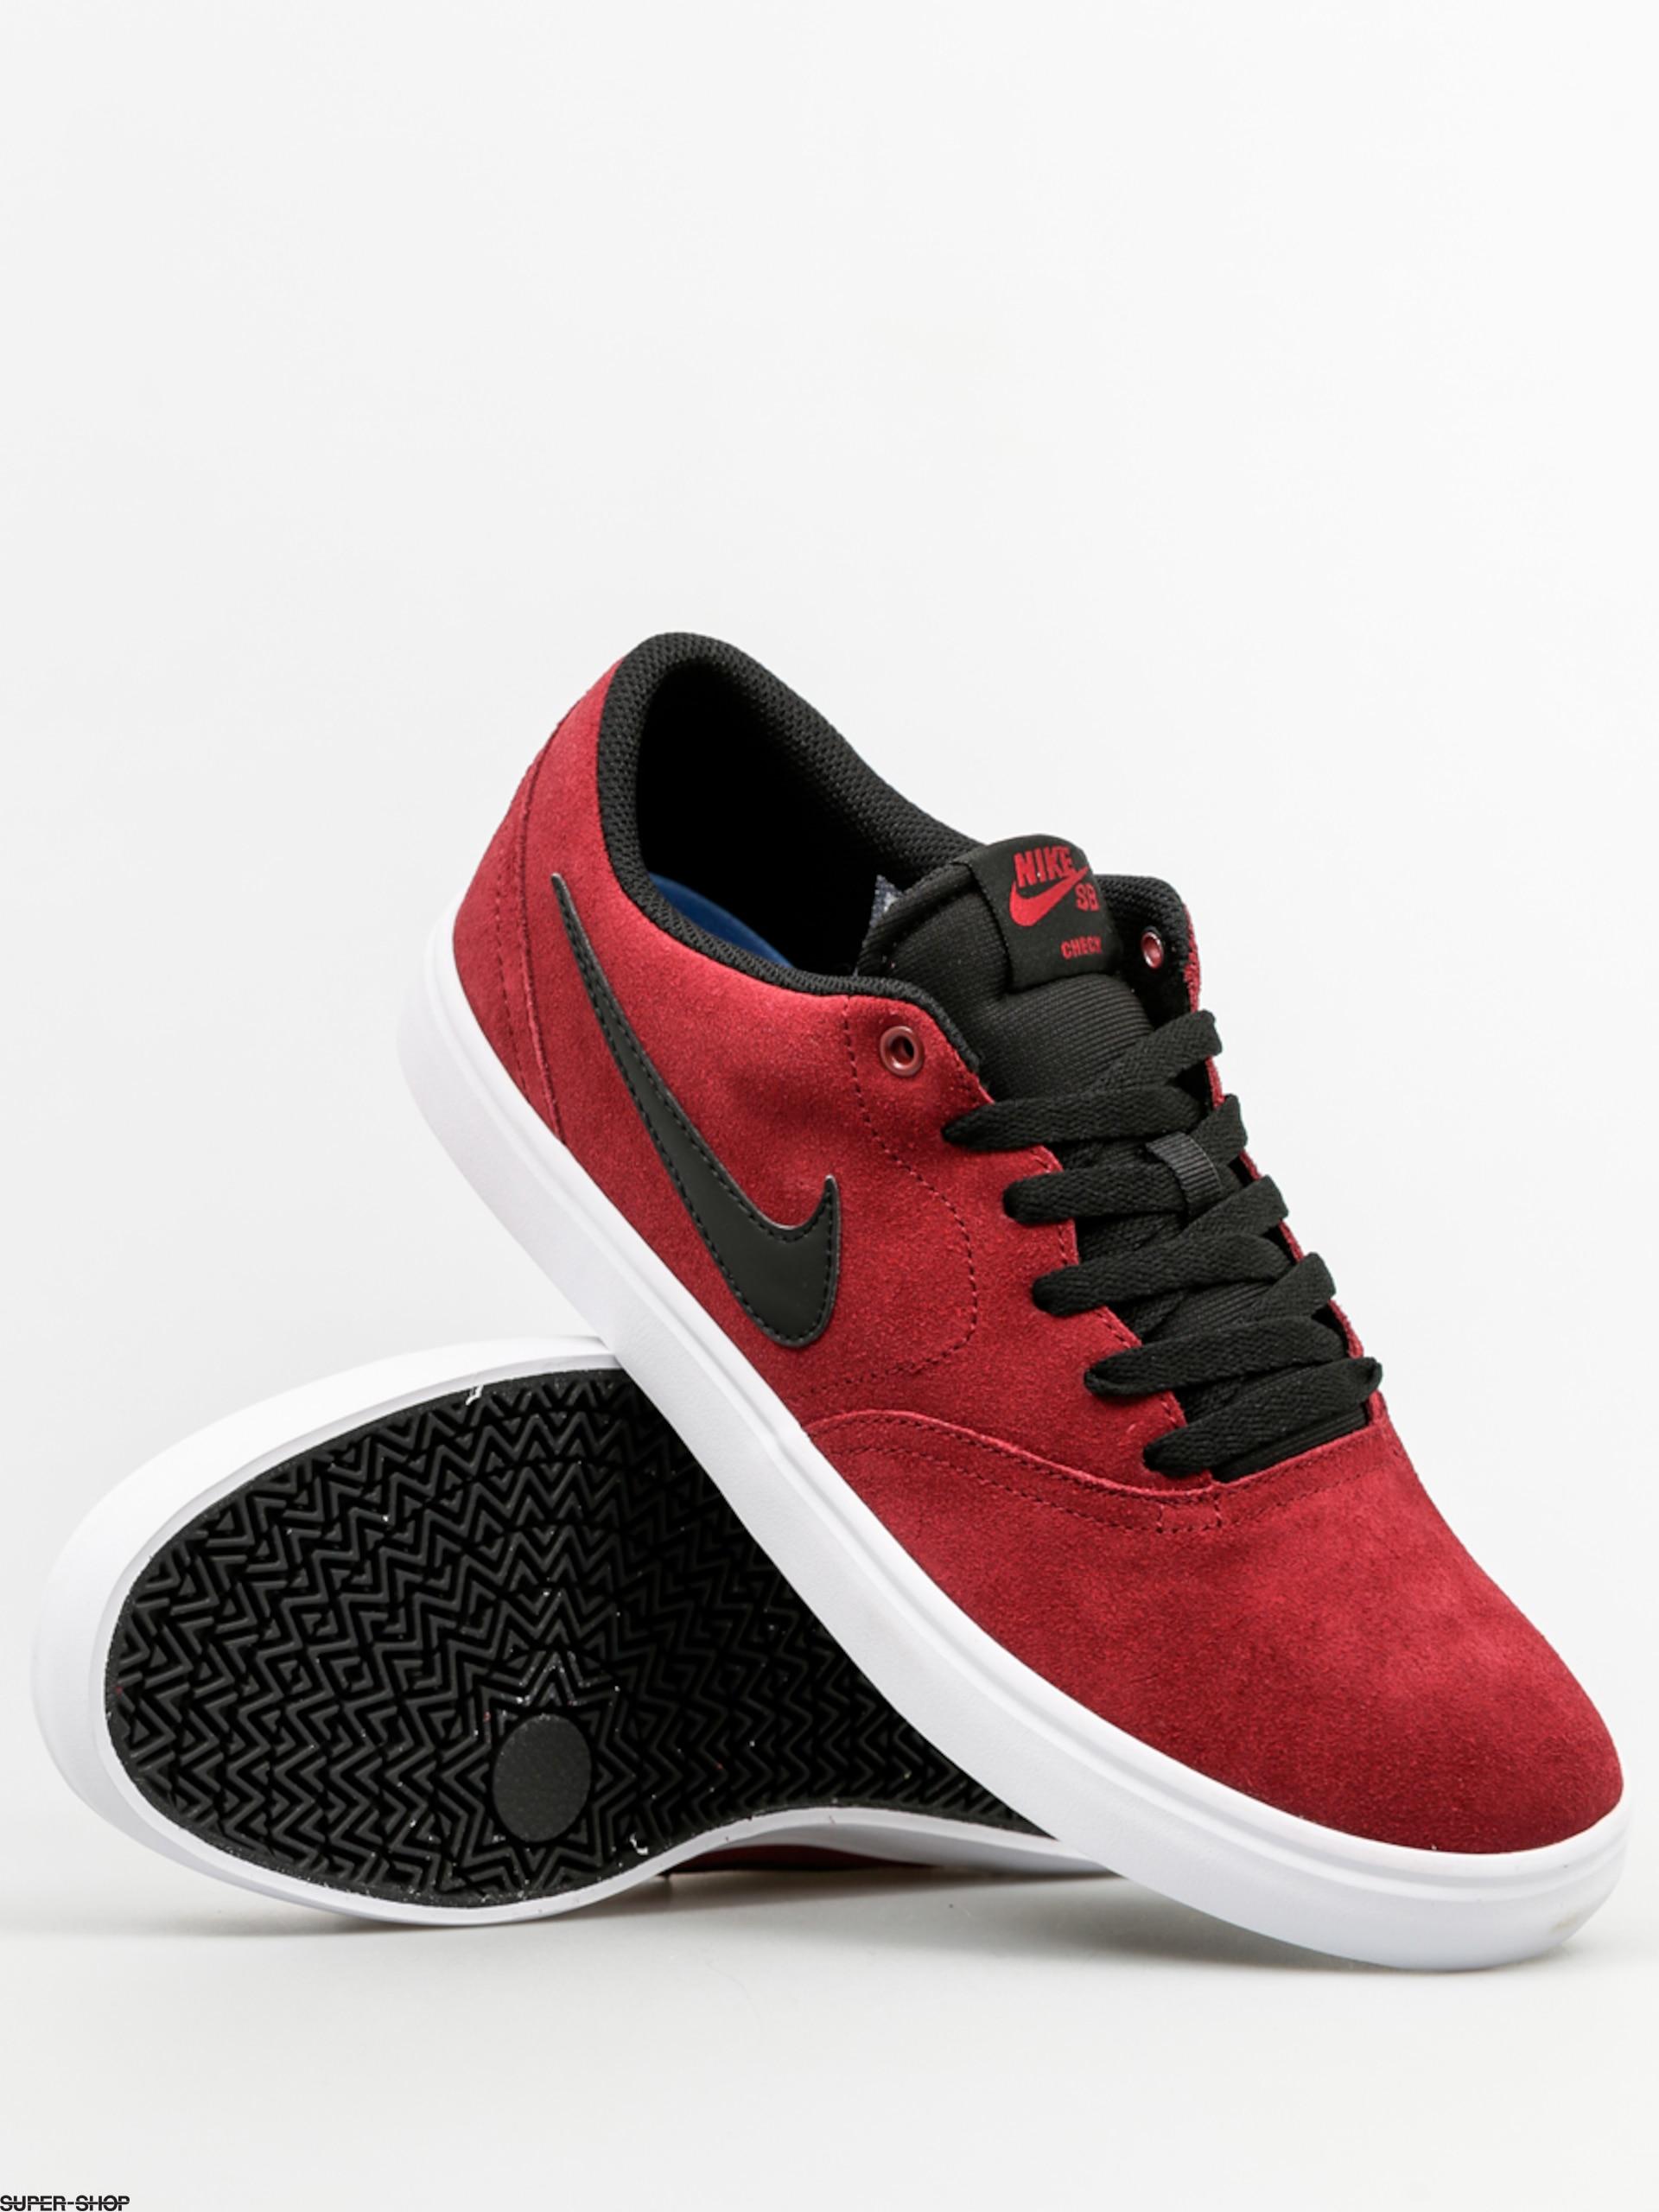 Nike Sb Shoes Check Solar Team Red Black